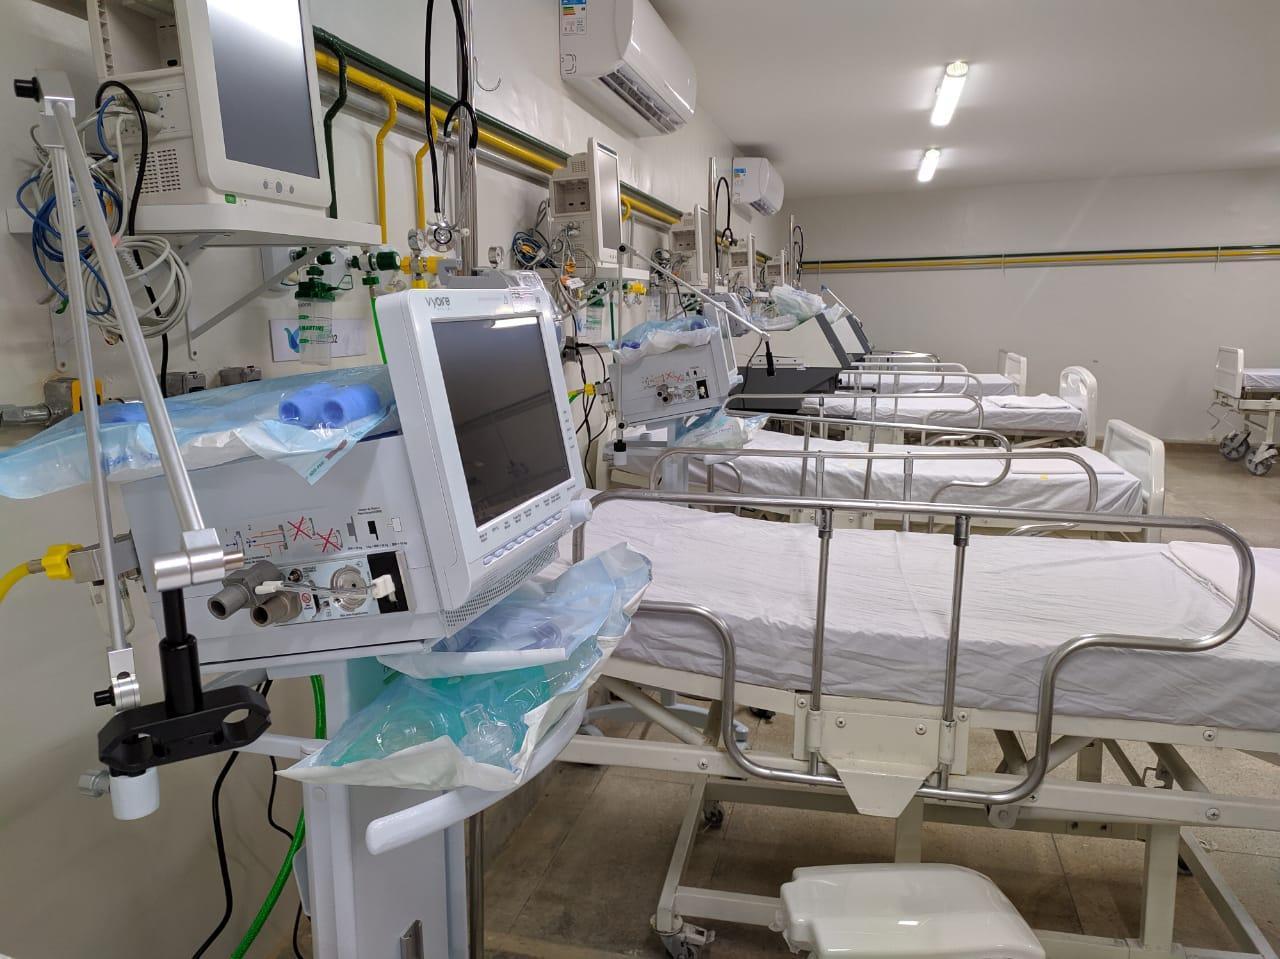 leitos no hospital prontovida joao pessoa pb covid coronavirus - Coronavírus: Senado aprova que hospital privado ceda leito desocupado ao SUS